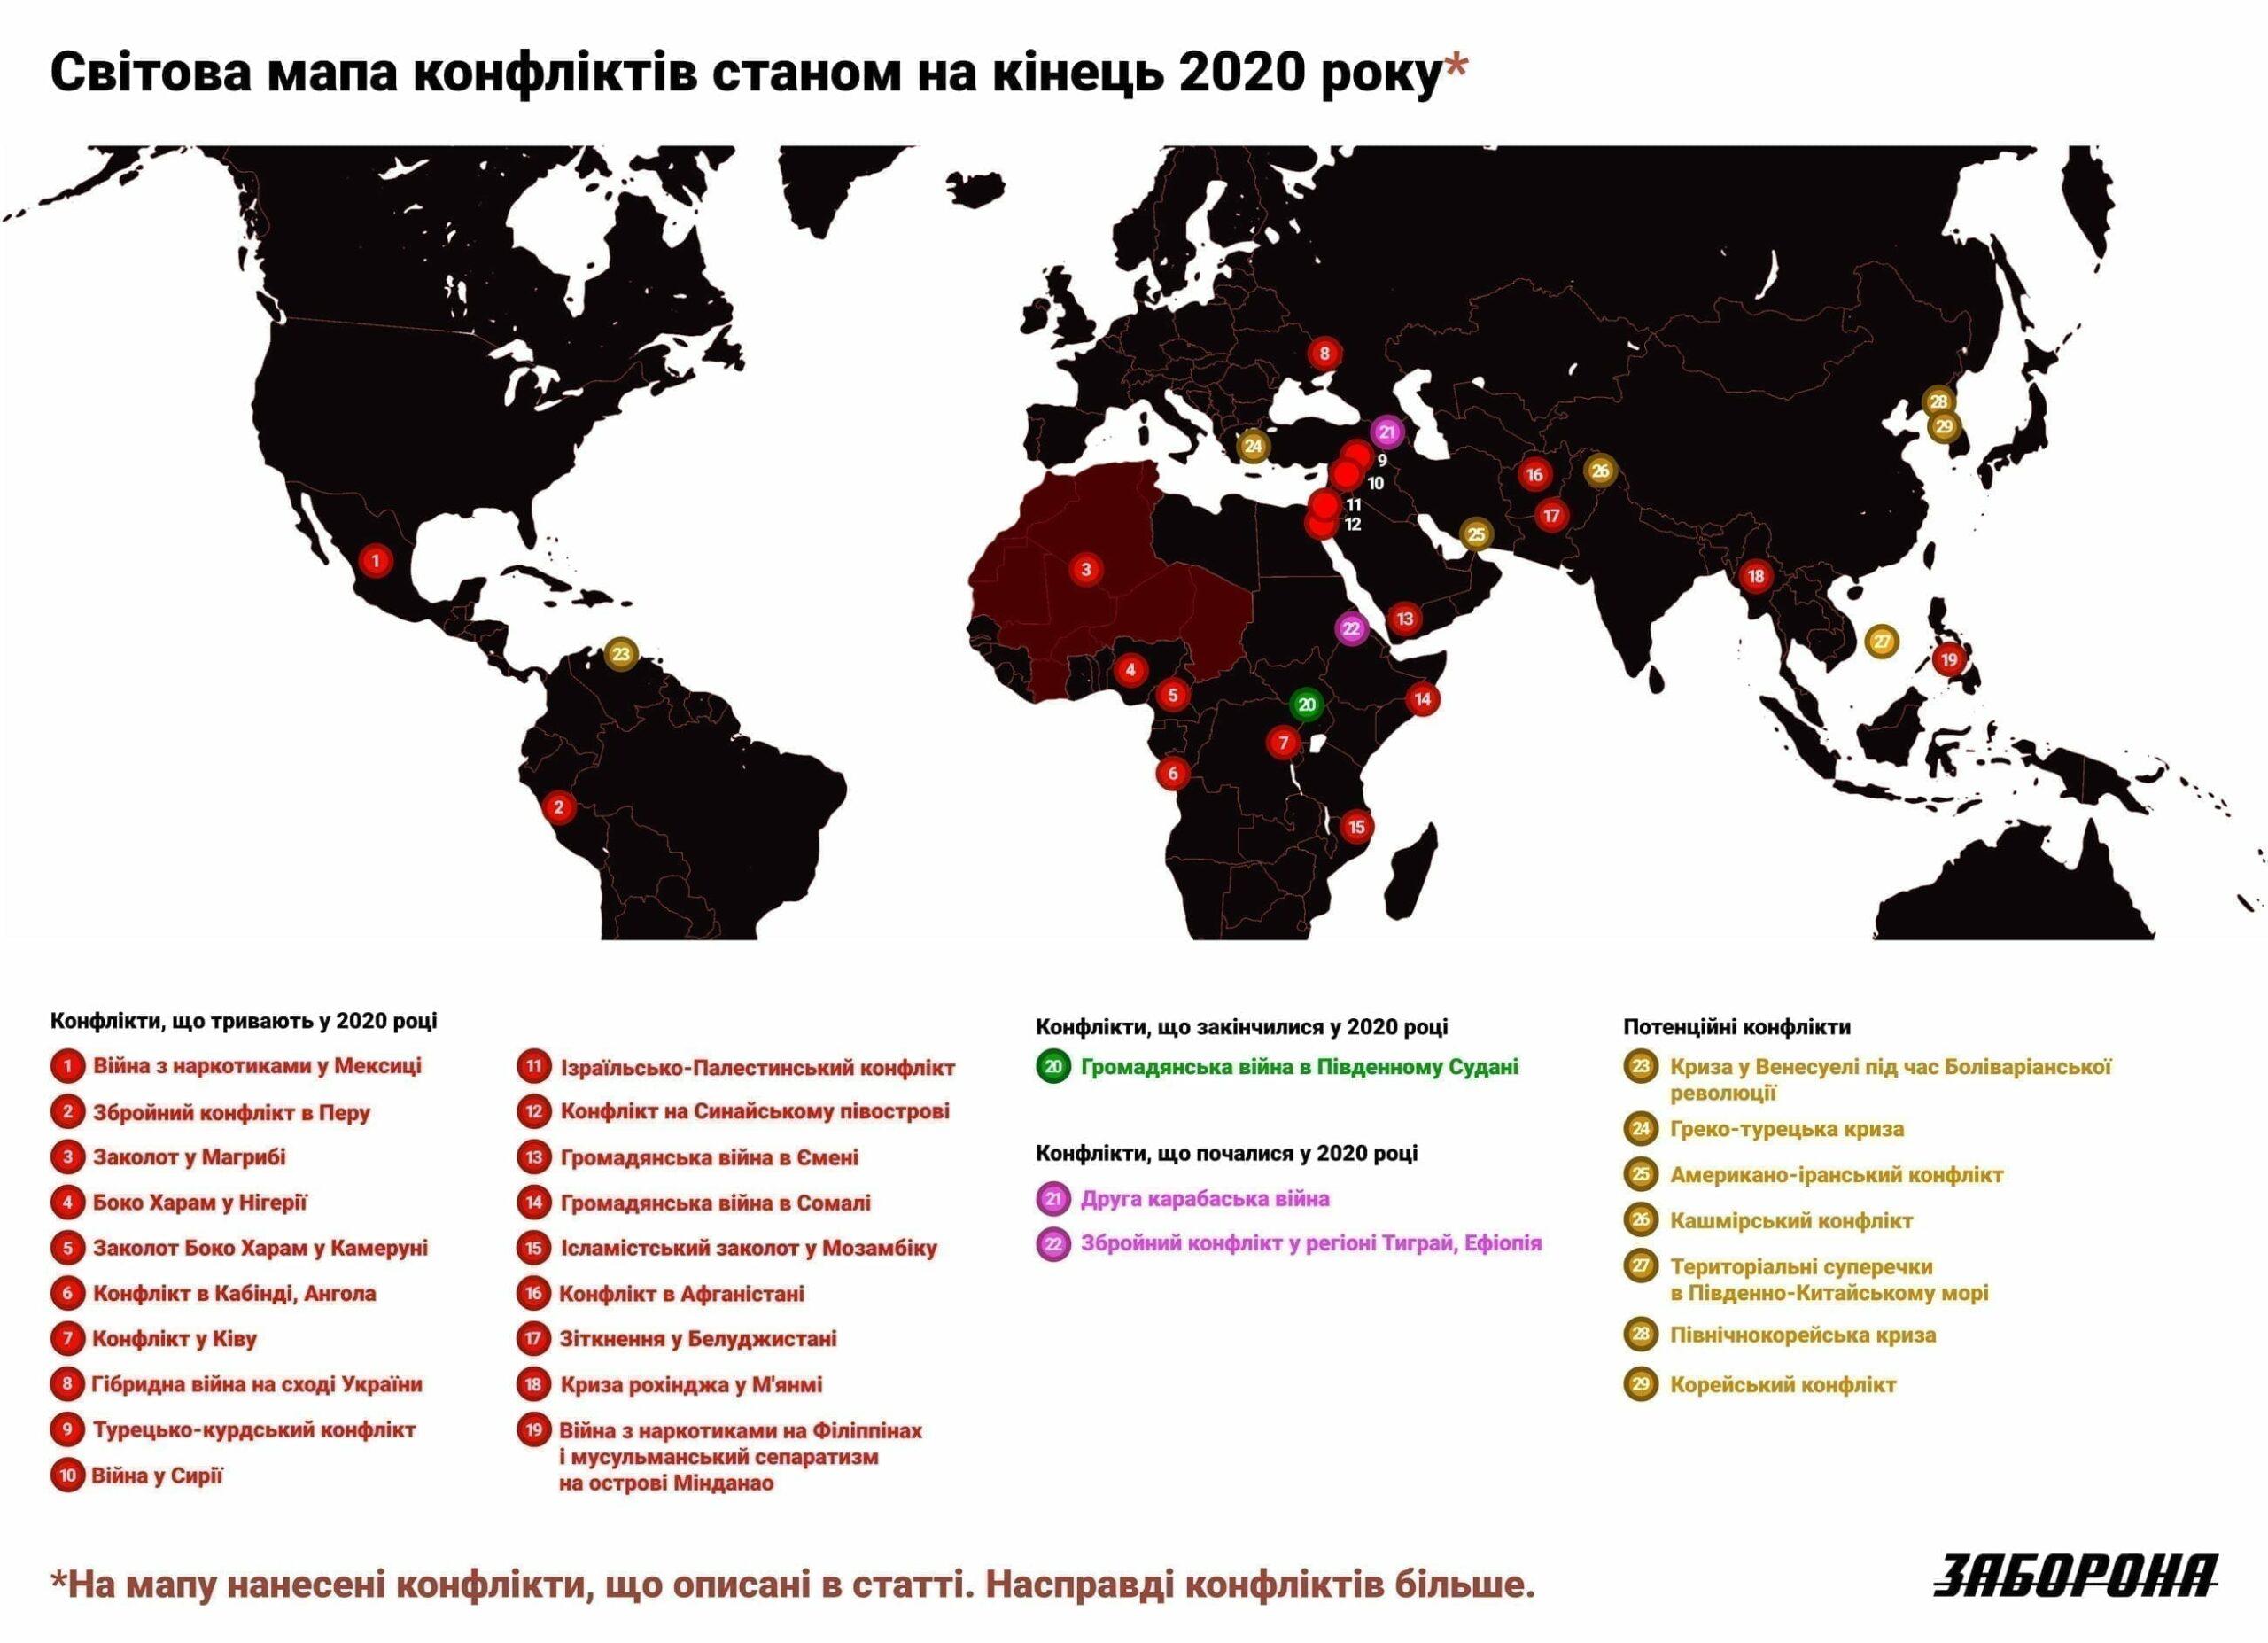 2600 ua 2 scaled - <b>Десятки точок на мапі.</b> Де й за що воює людство у 2020 році - Заборона